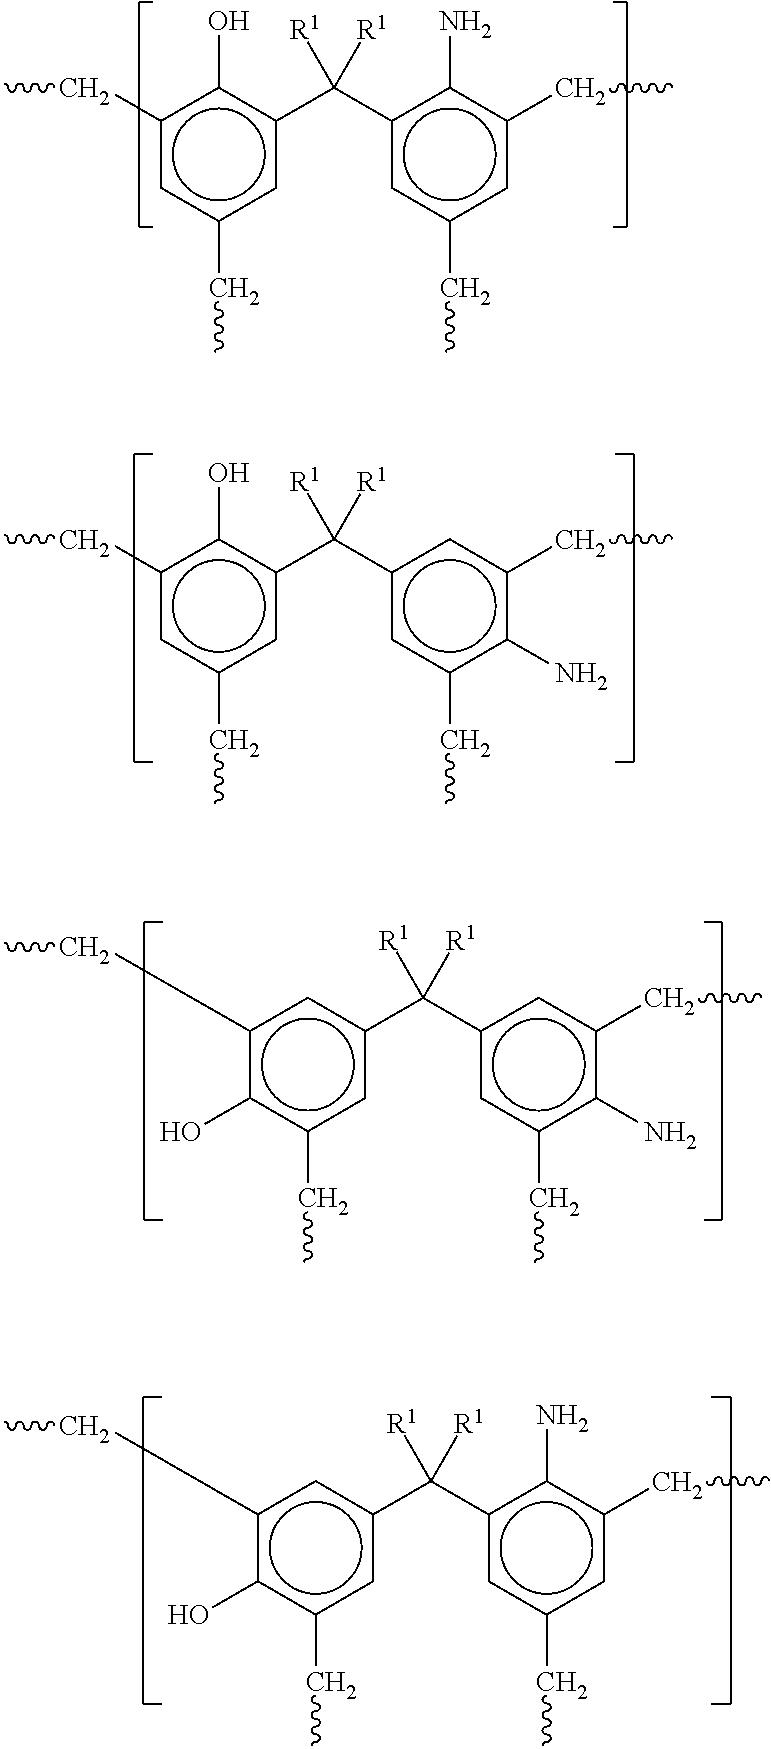 Figure US09896599-20180220-C00012